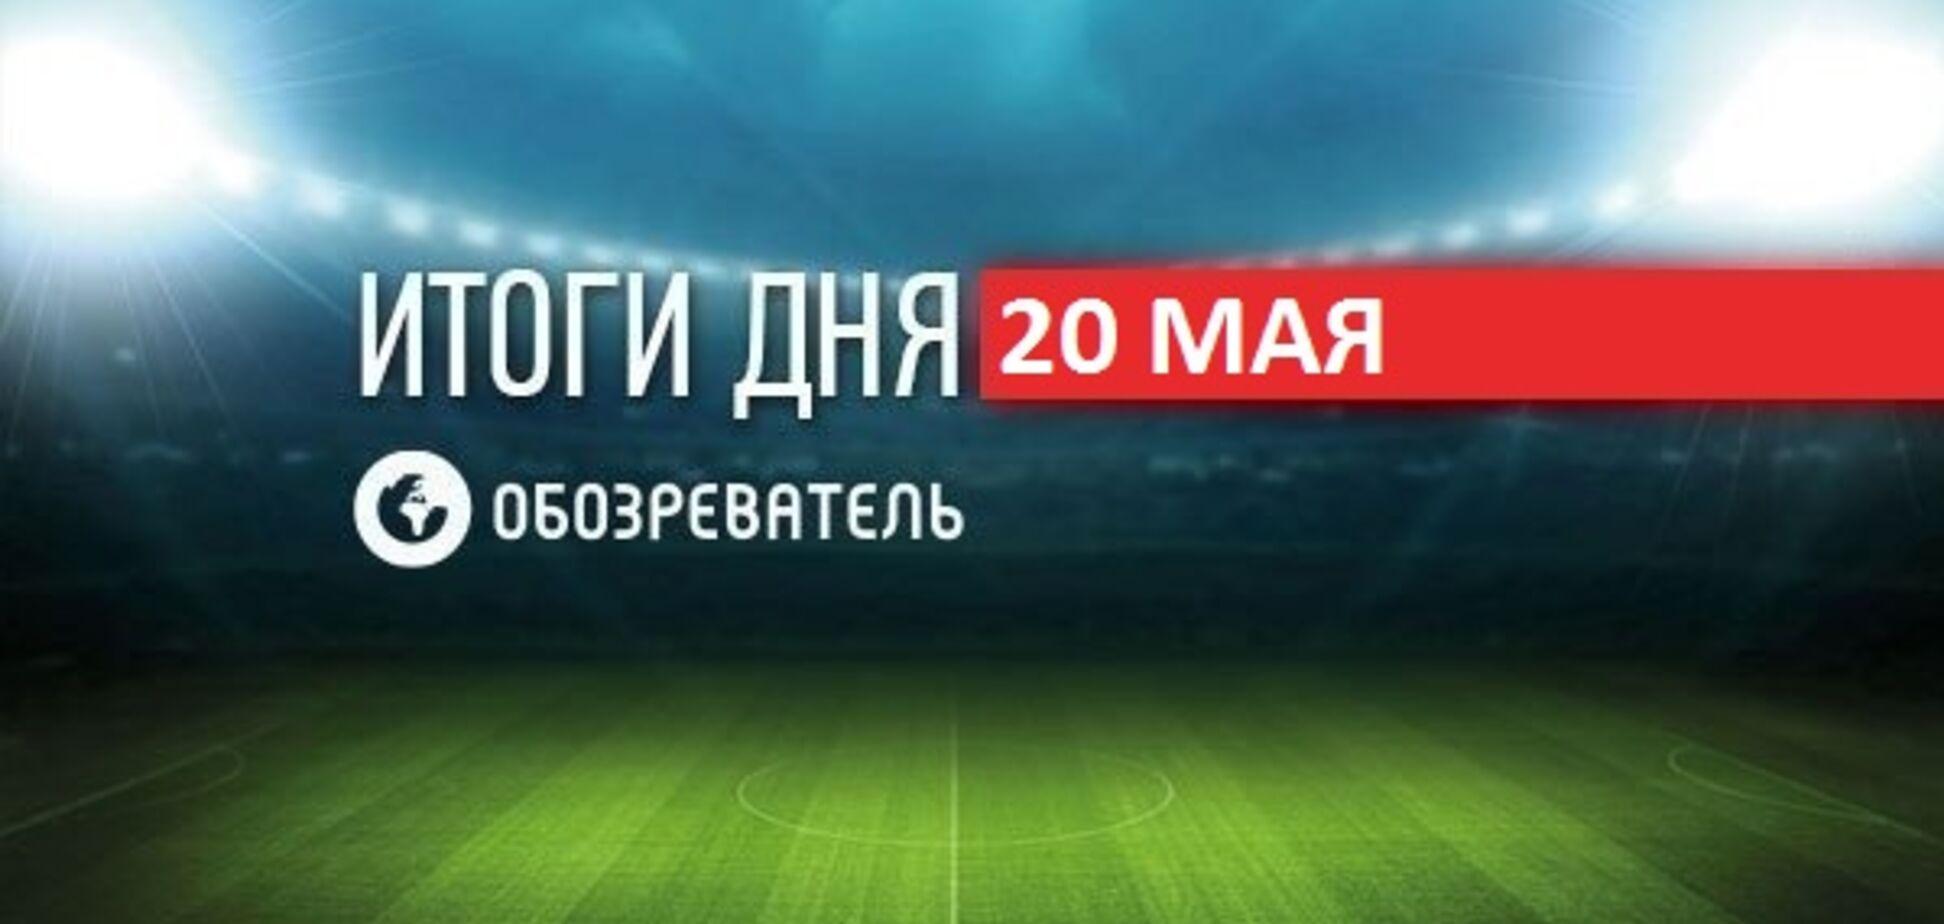 Чемпион мира из Крыма назвал Россию агрессором: спортивные итоги 20 мая